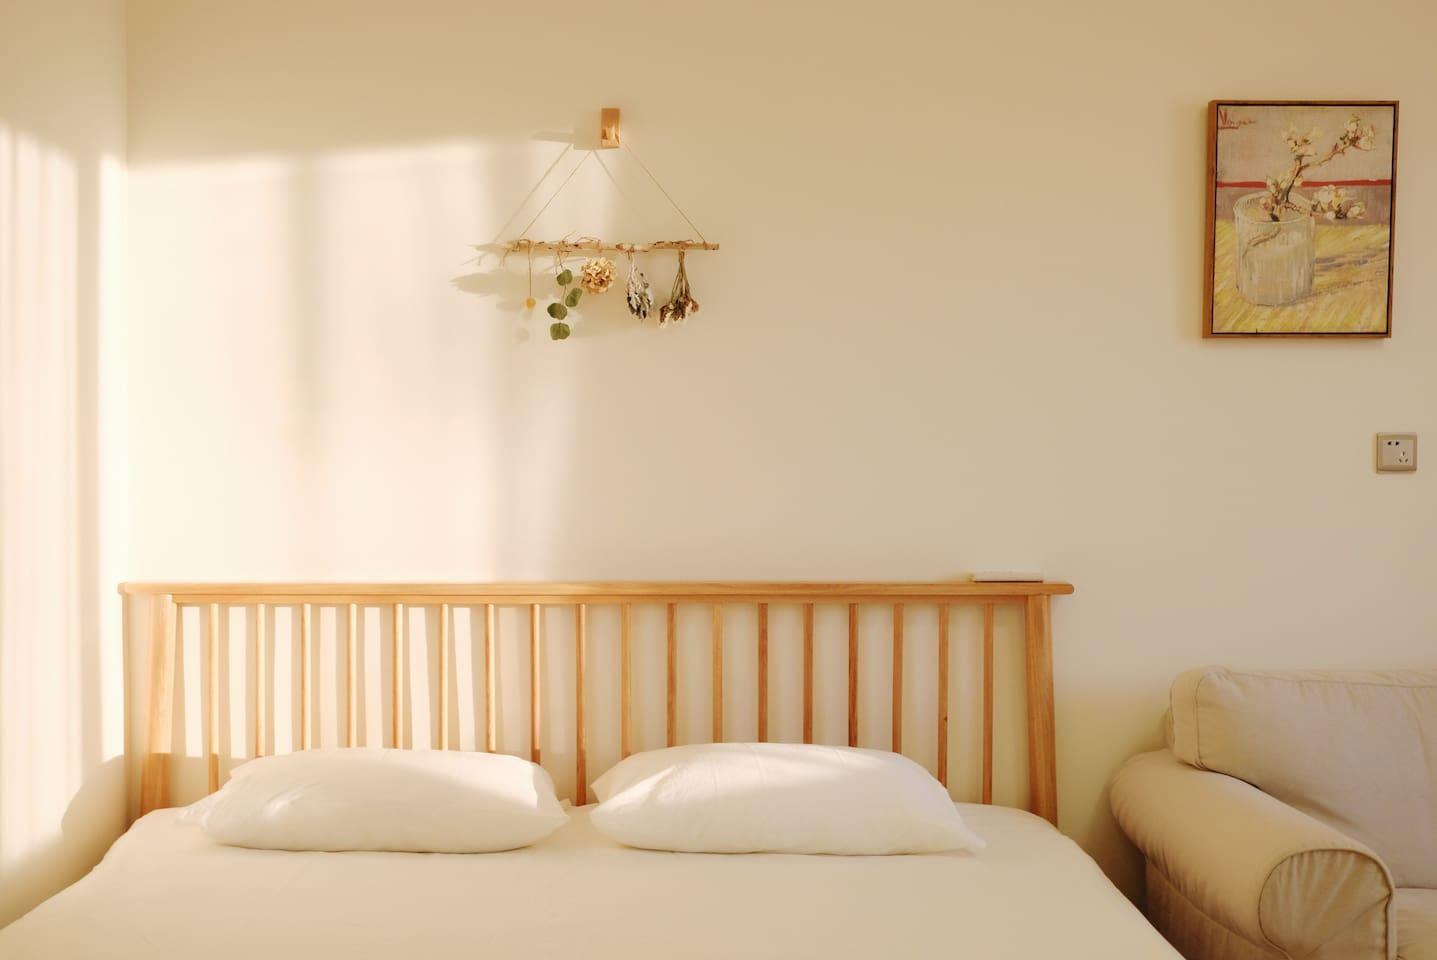 1.8米白橡木双人床,本白色水洗棉床品